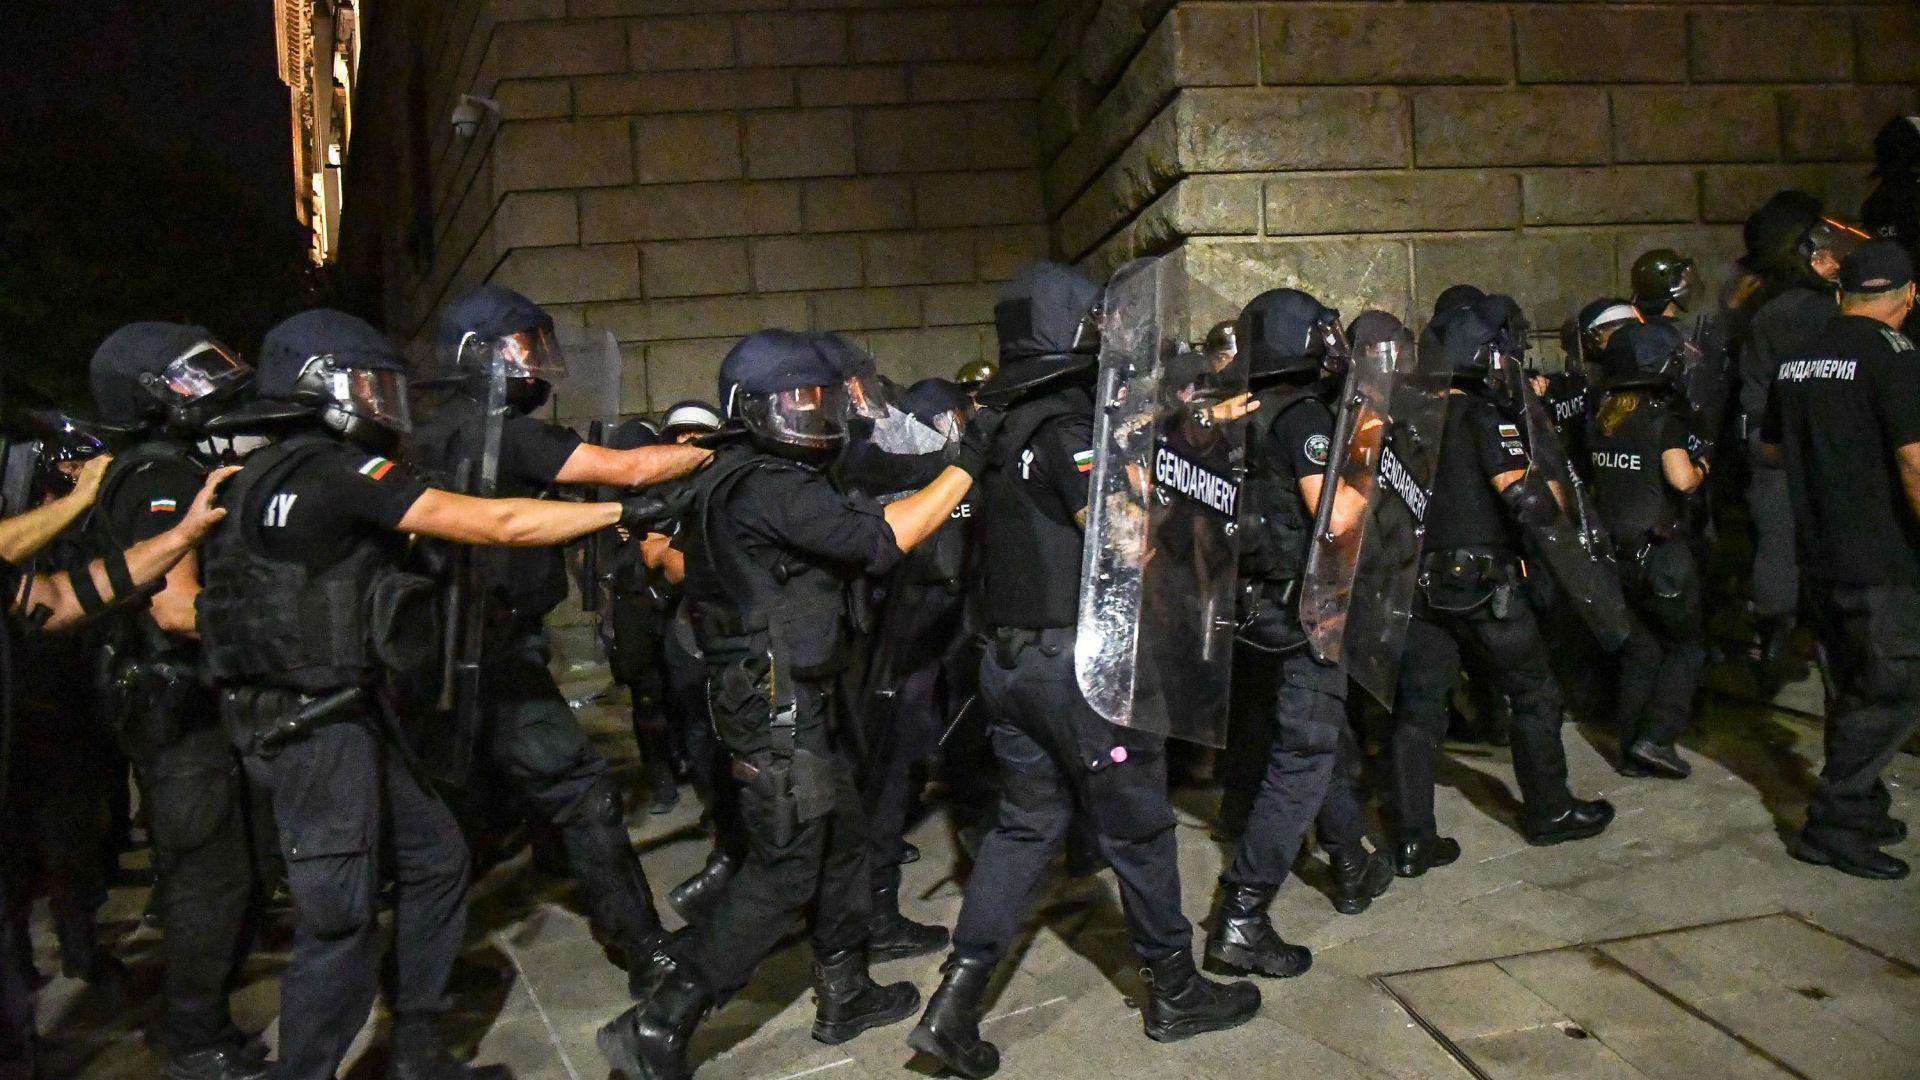 СДВР: 9 полицаи са ранени от началото на протестите, семействата им се притесняват